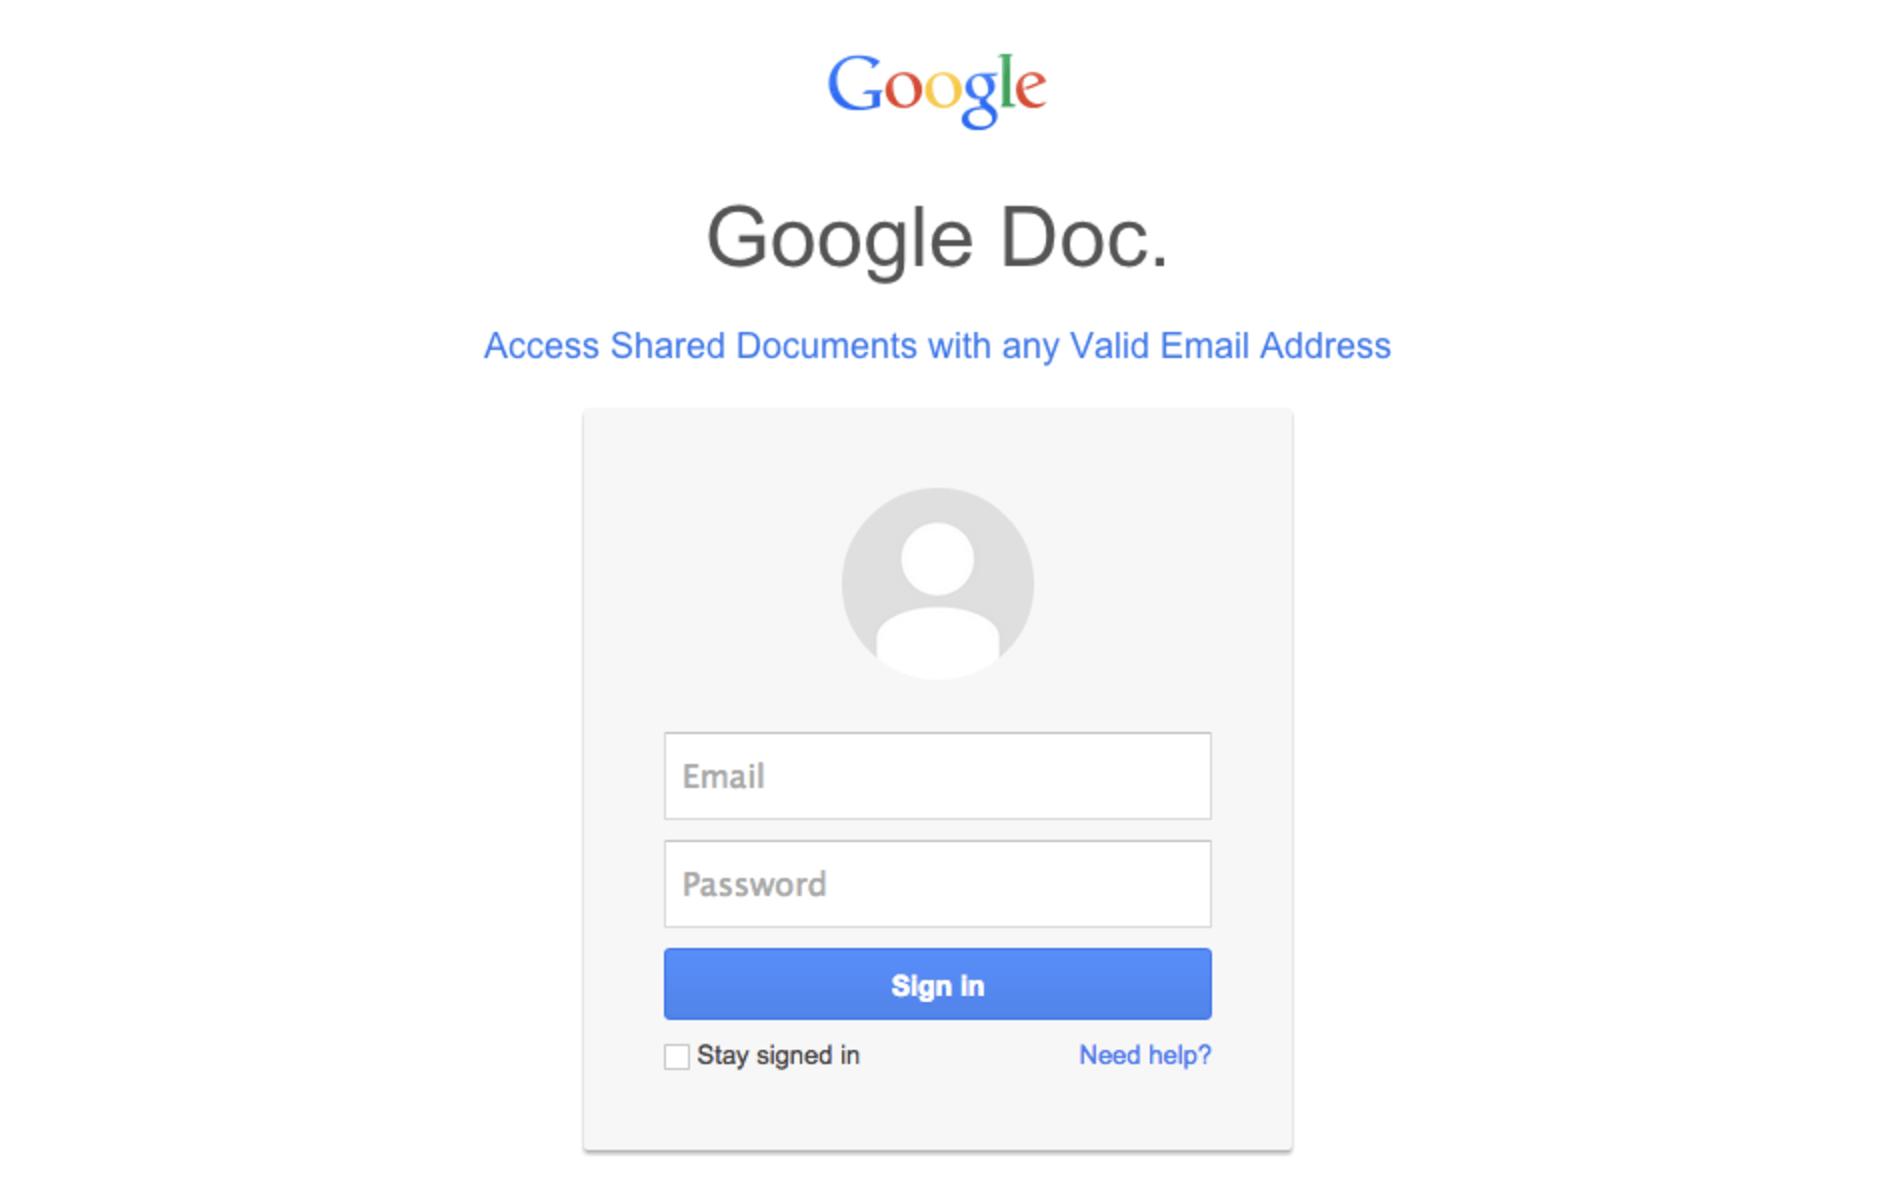 Google subit une attaque de phishing efficace, il est temps de se protéger